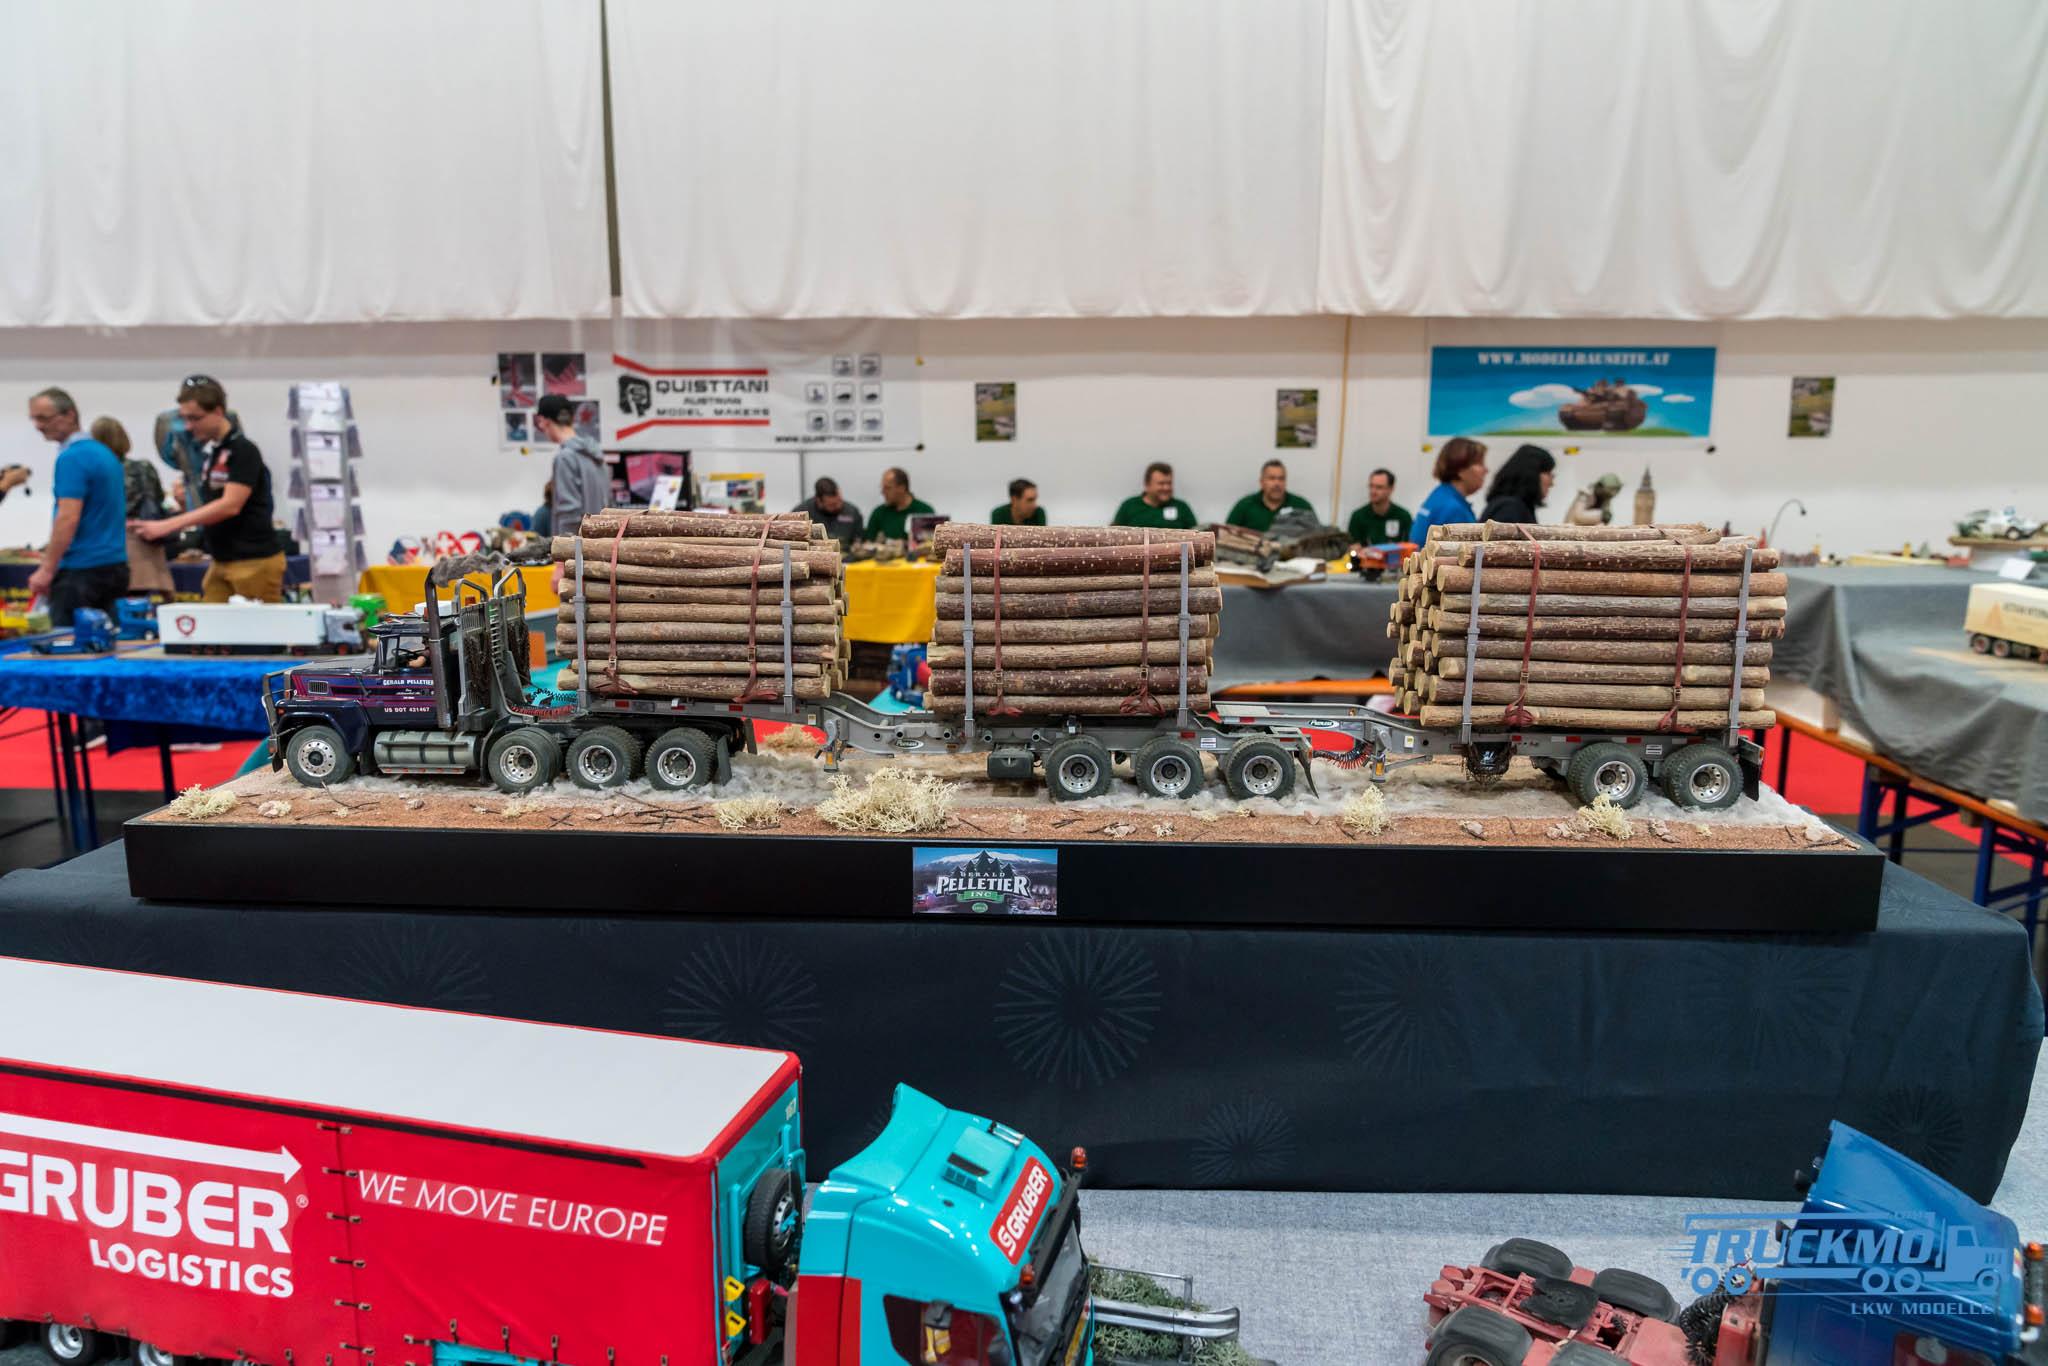 Truckmo_Modellbau_Ried_2017_Herpa_Messe_Modellbauausstellung (395 von 1177)